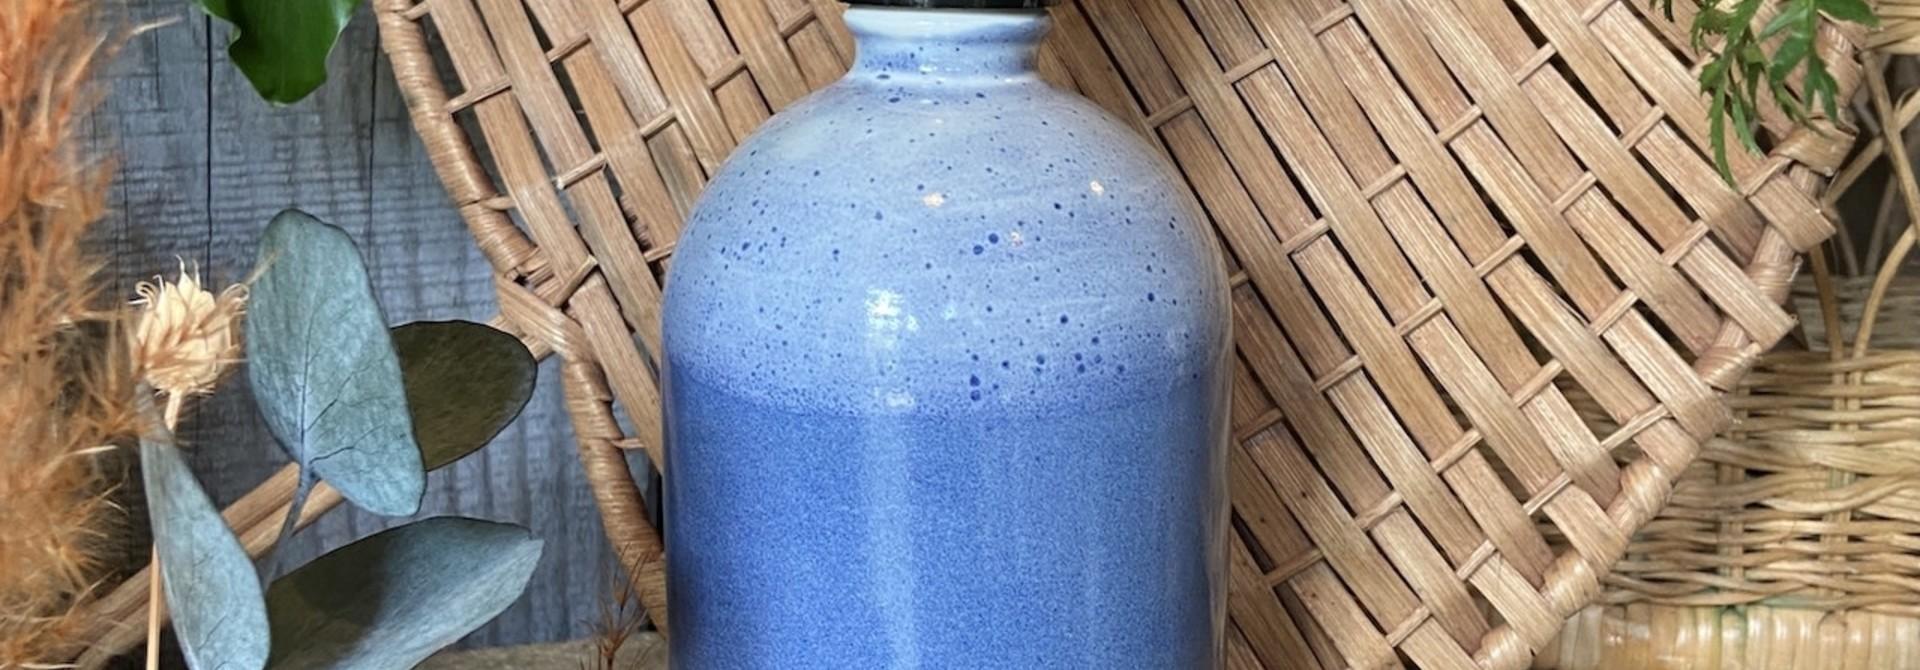 Vaporisateur bleu